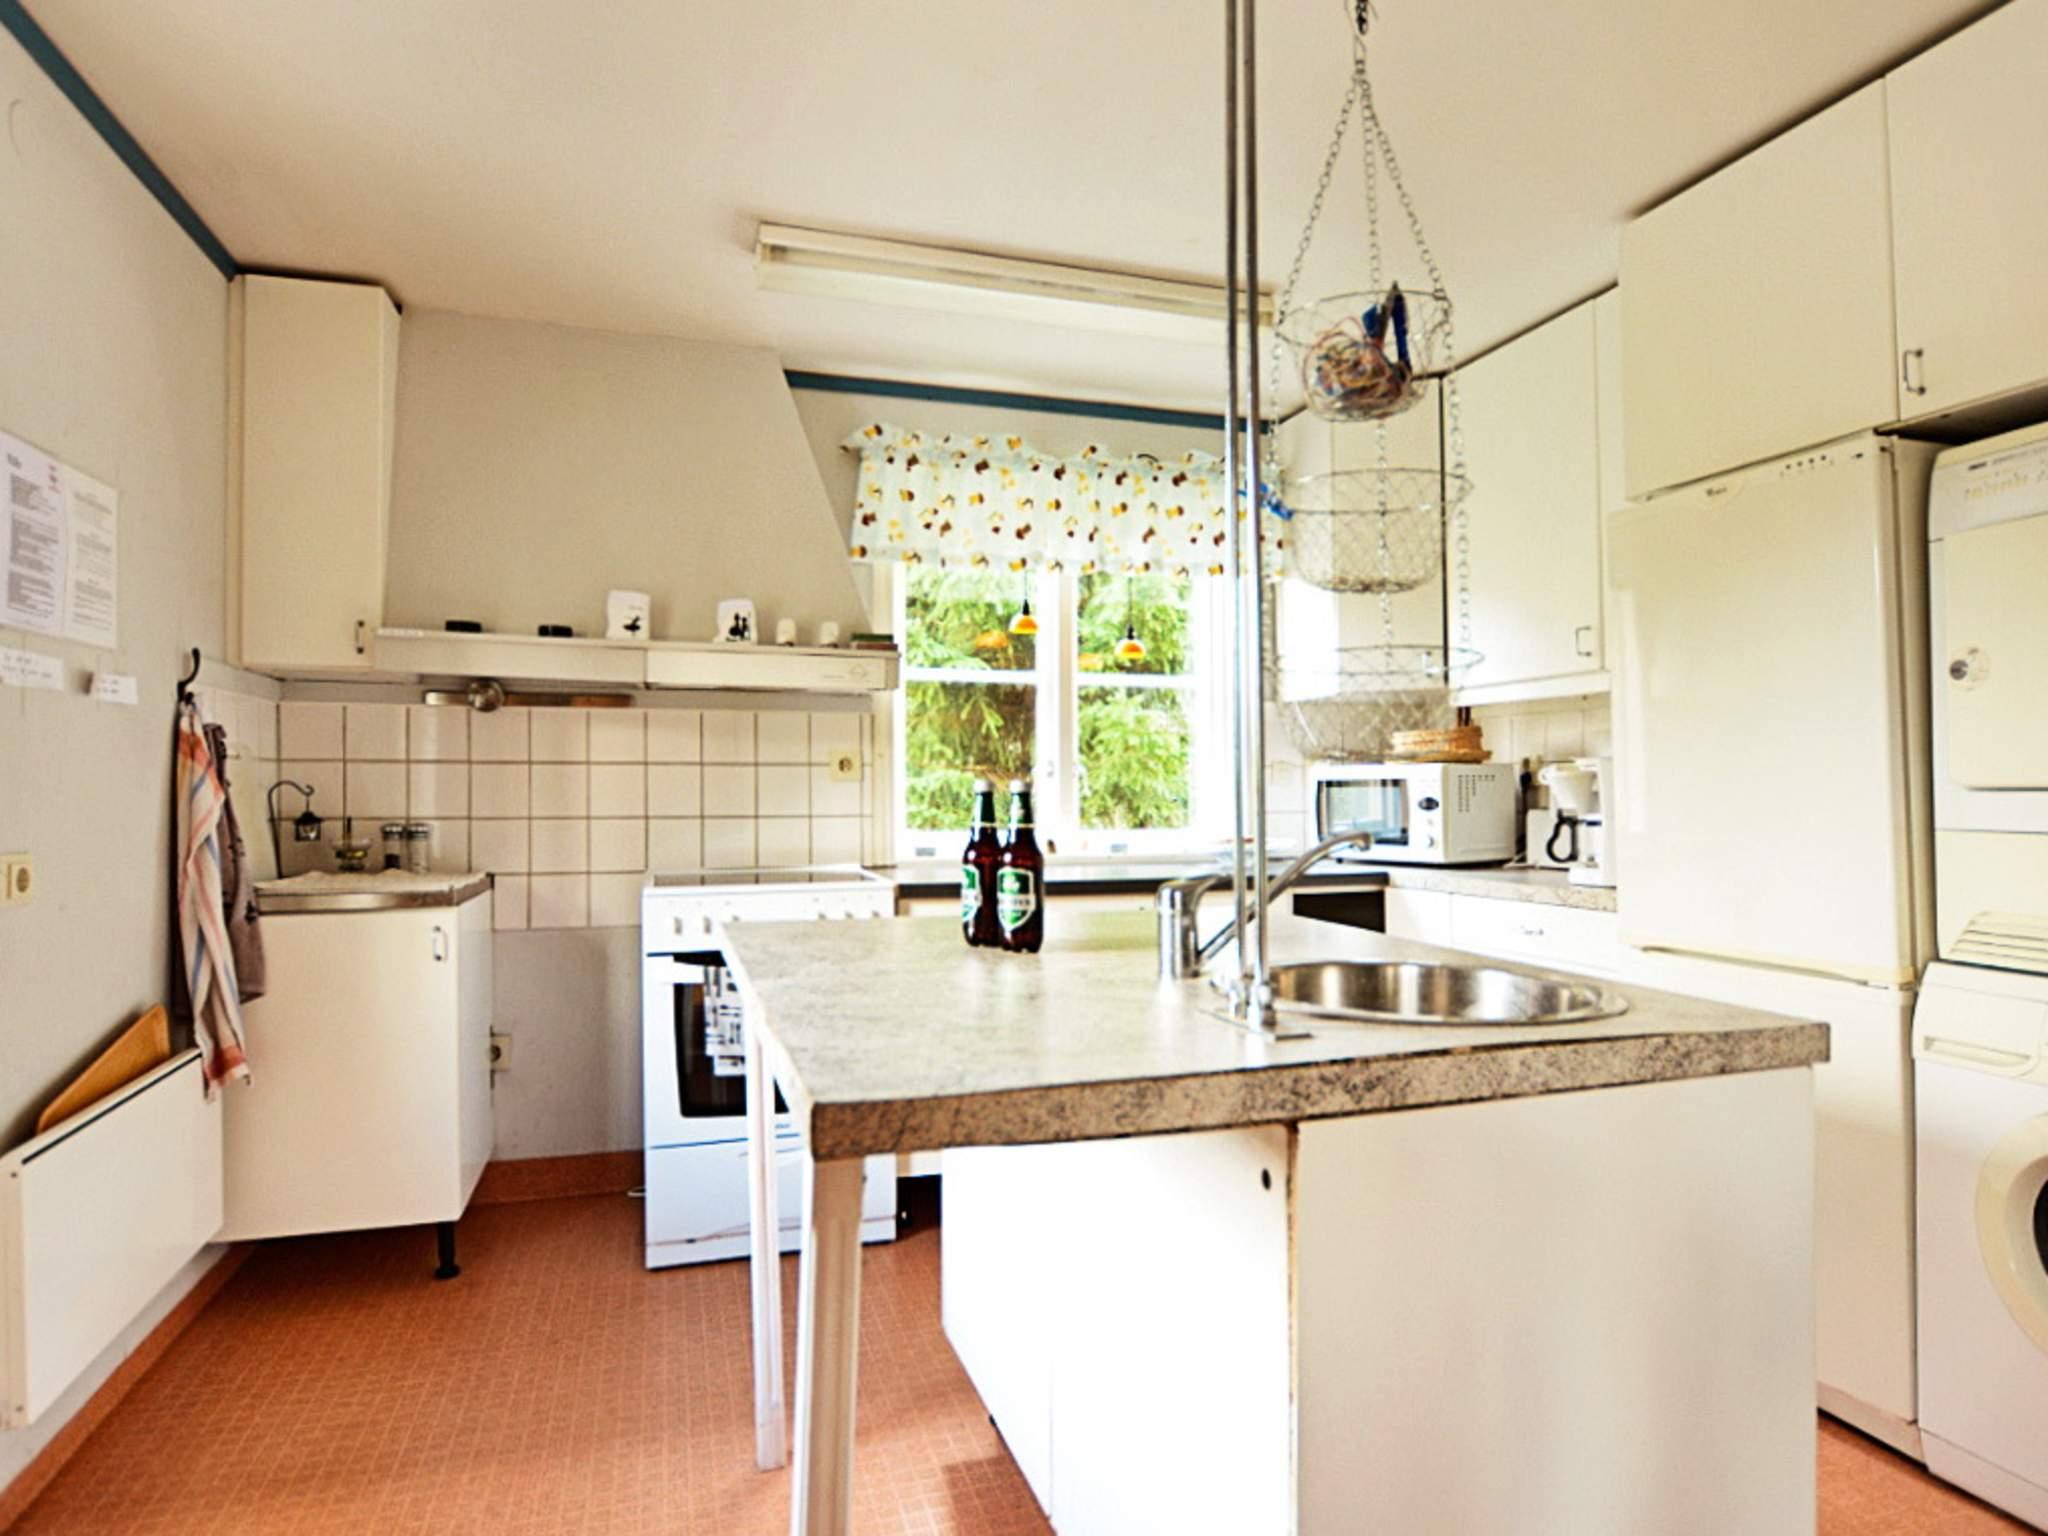 Ferienhaus Gränna (241788), Gränna, Jönköpings län, Südschweden, Schweden, Bild 2